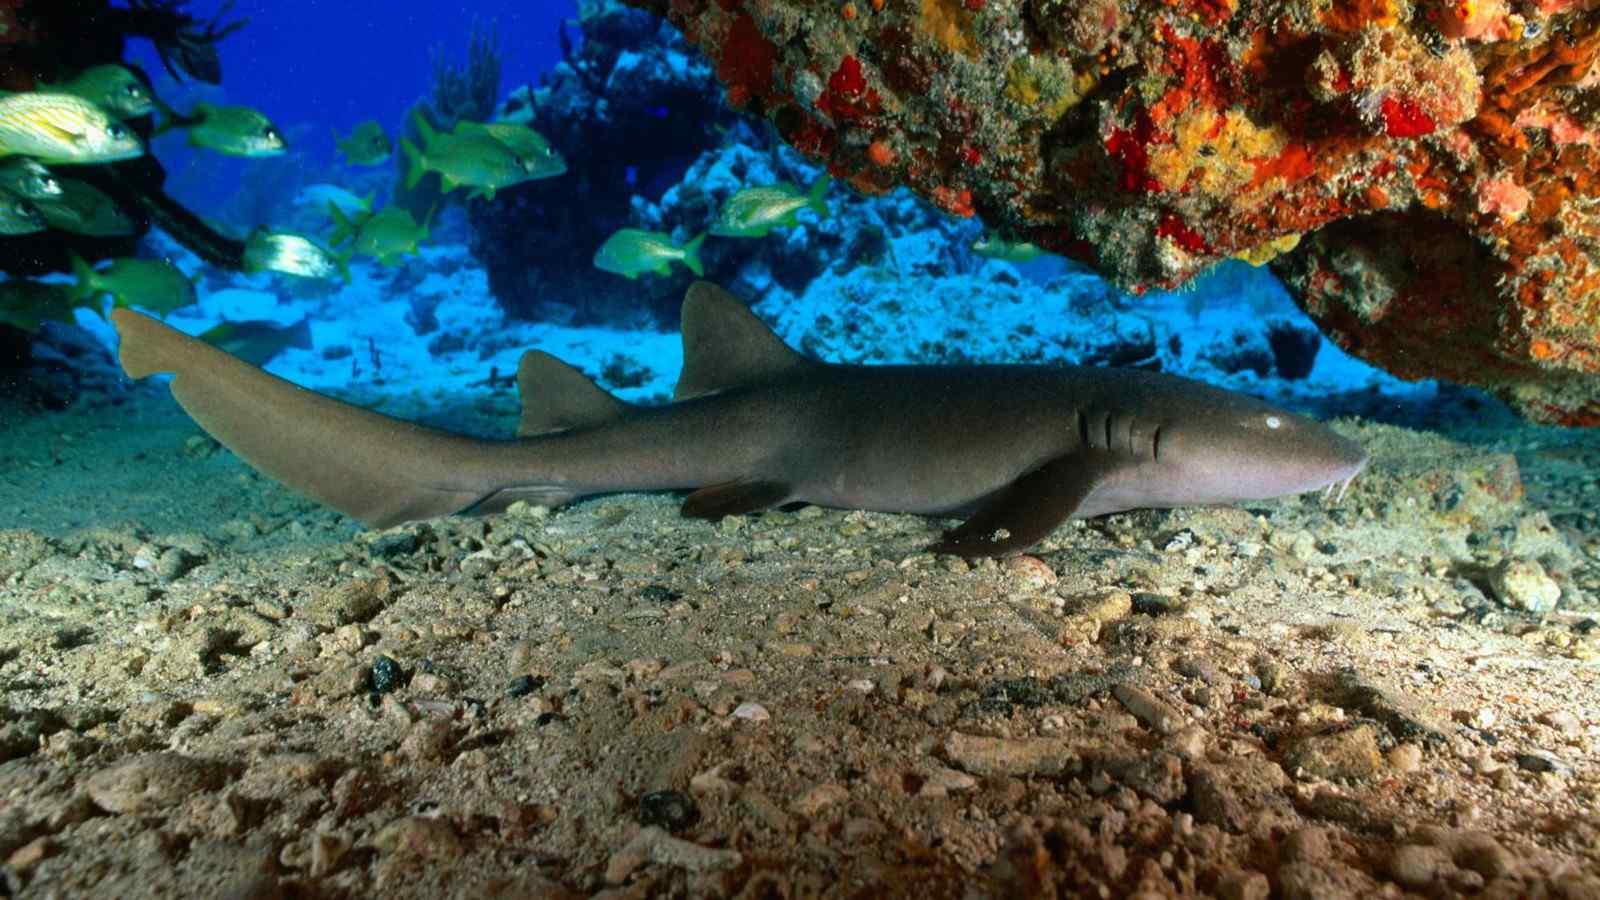 比目鱼海底动物壁